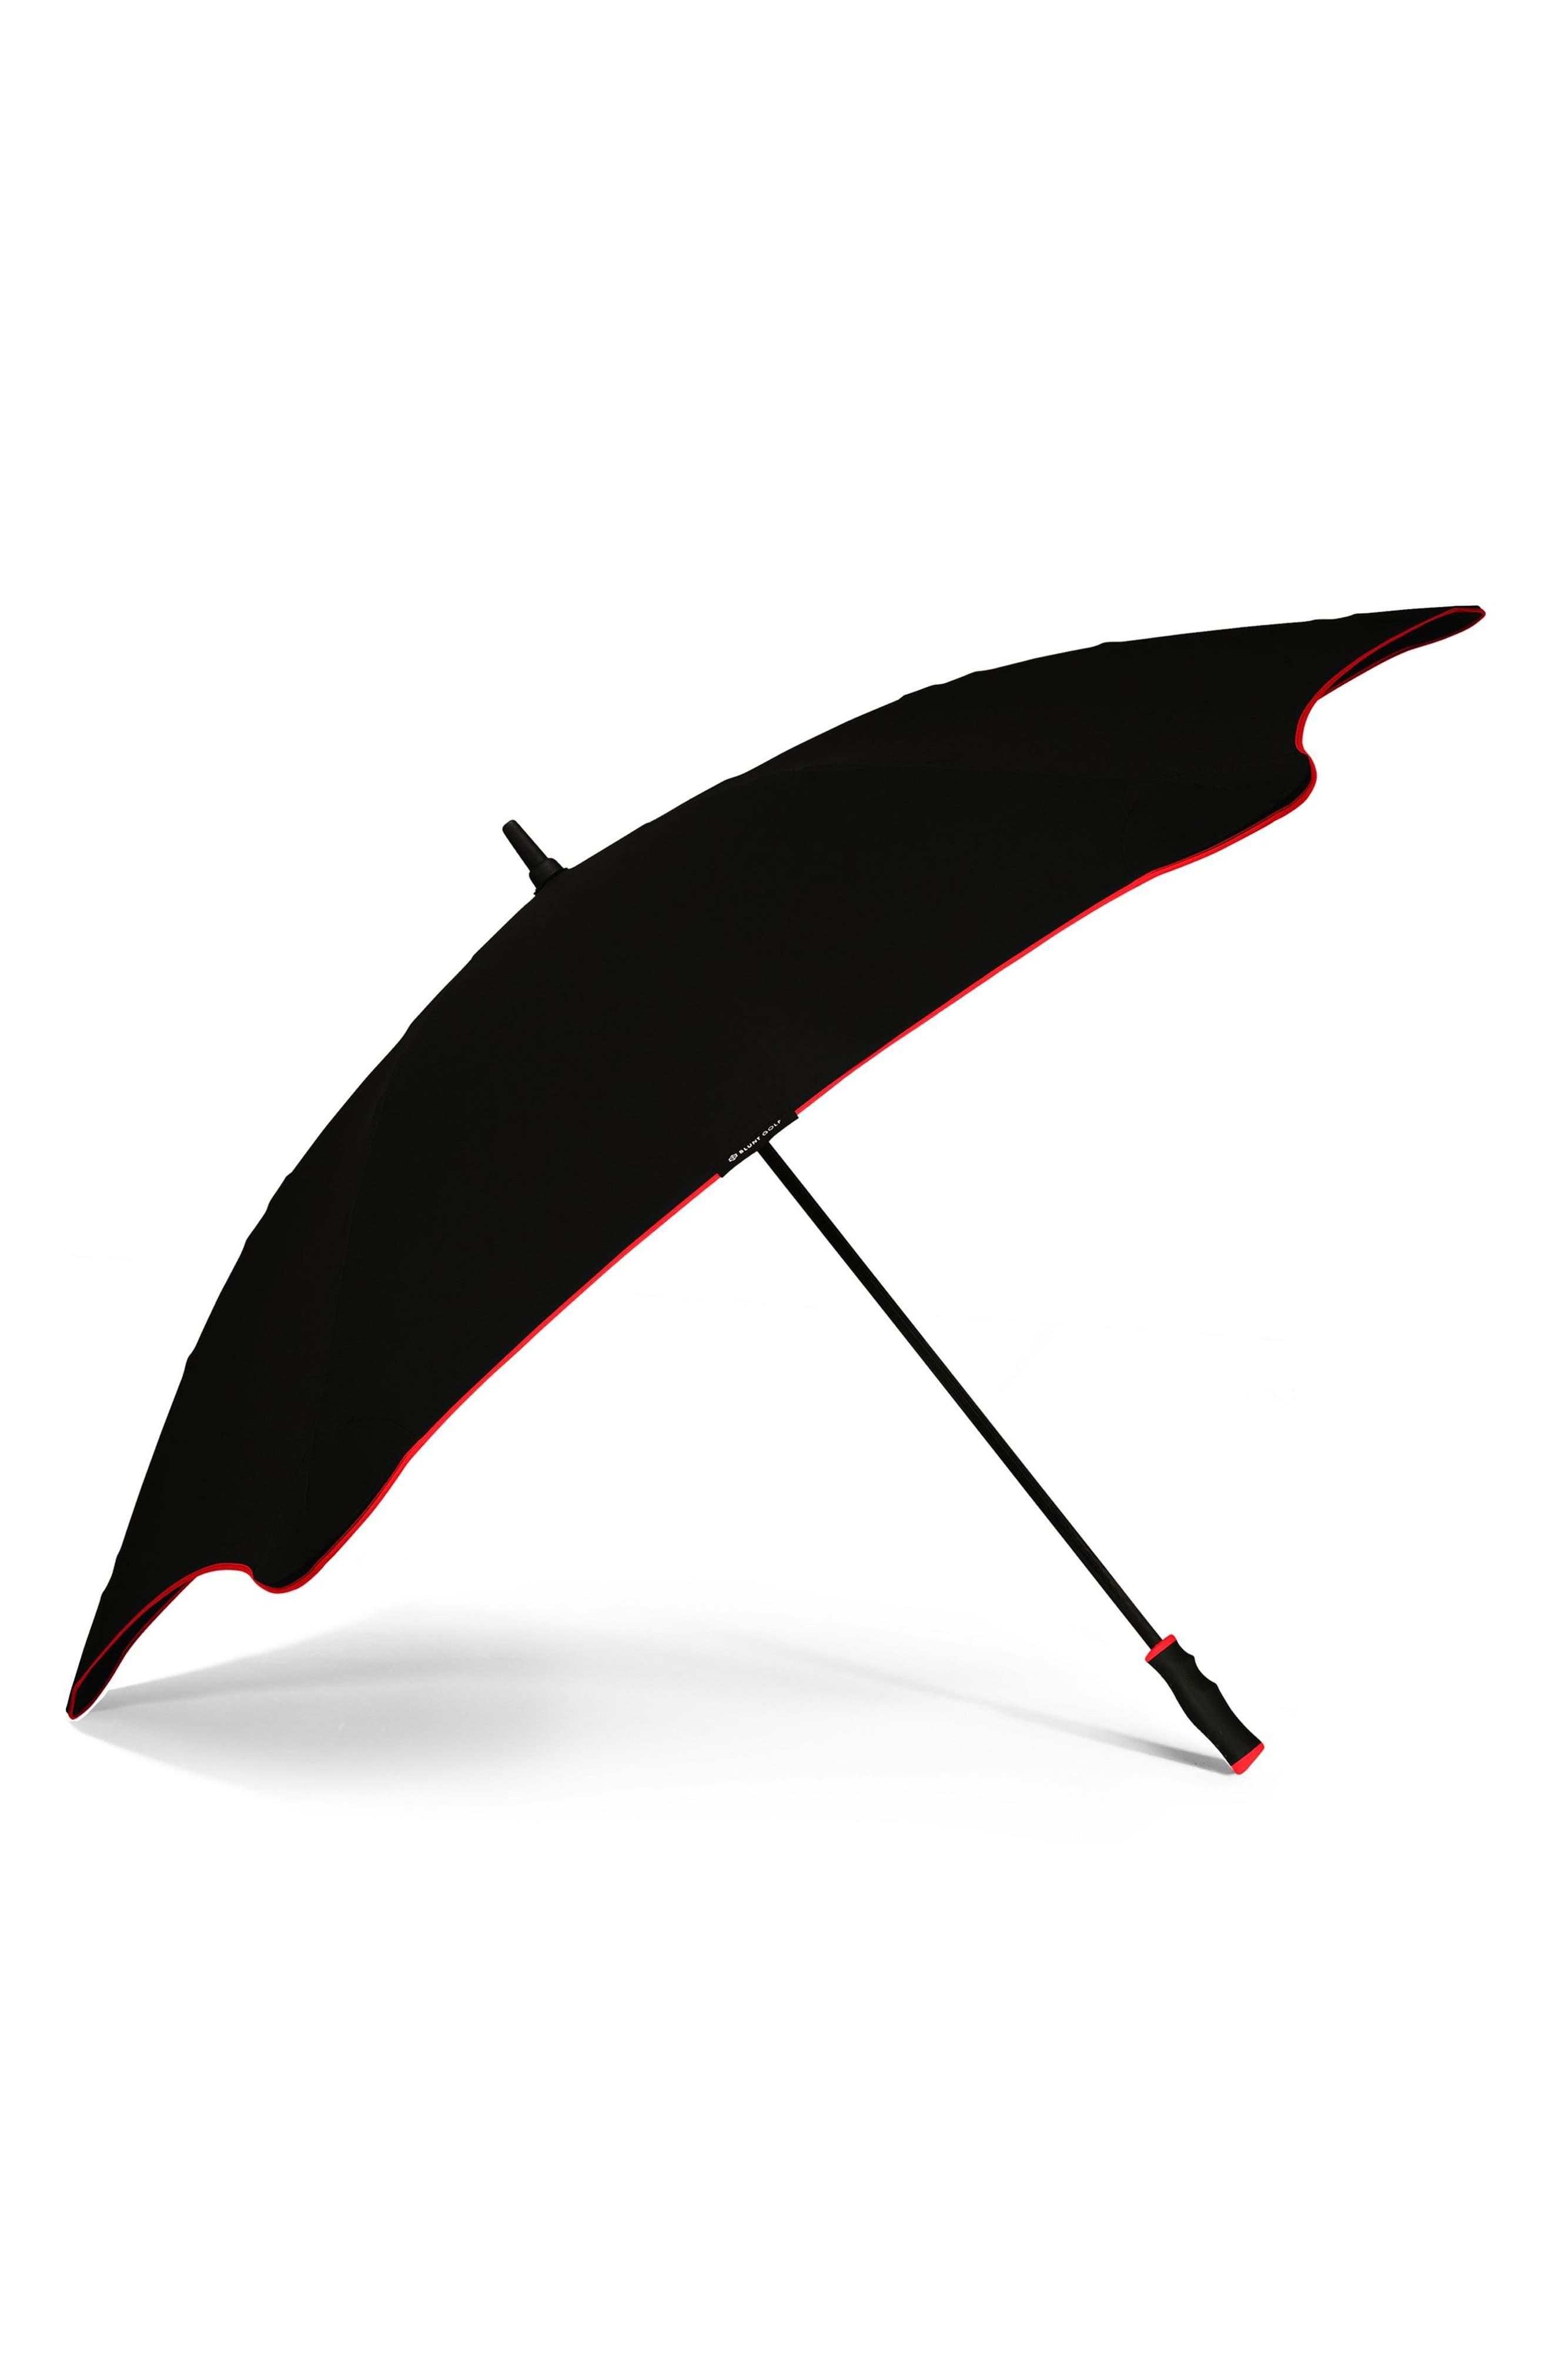 Main Image - Blunt Golf Umbrella